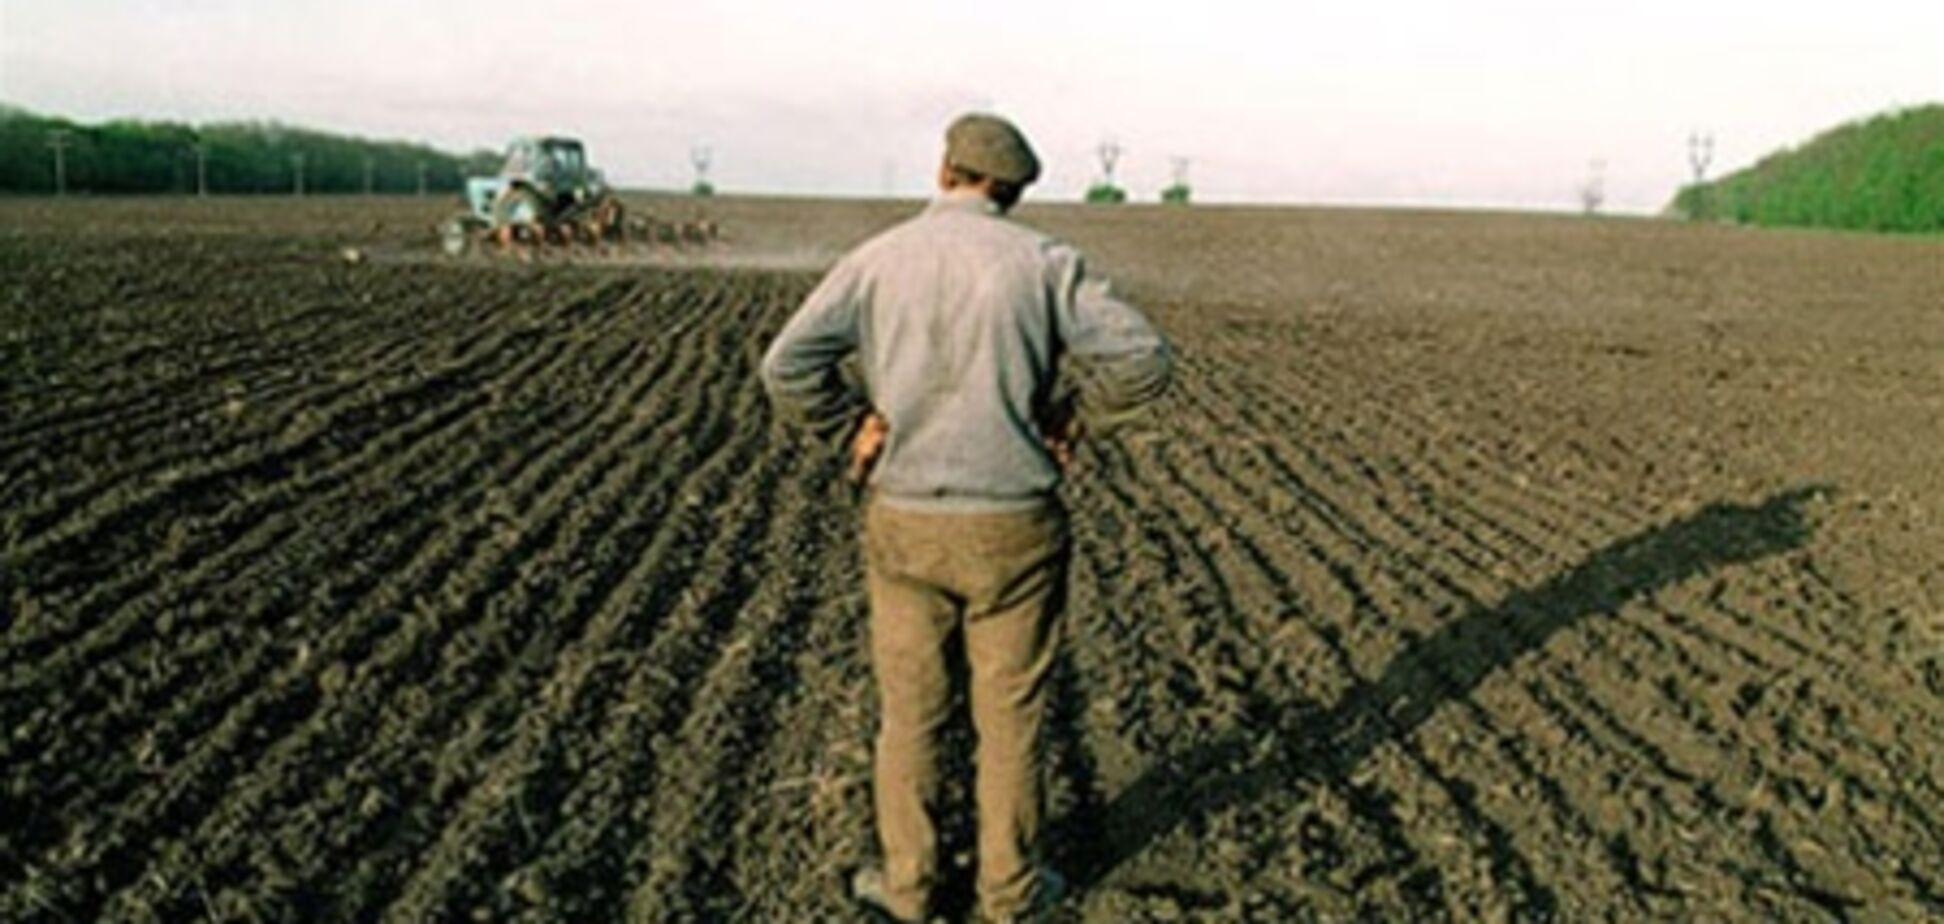 Cтоимость земли в Украине после переоценки возрастет на 75%